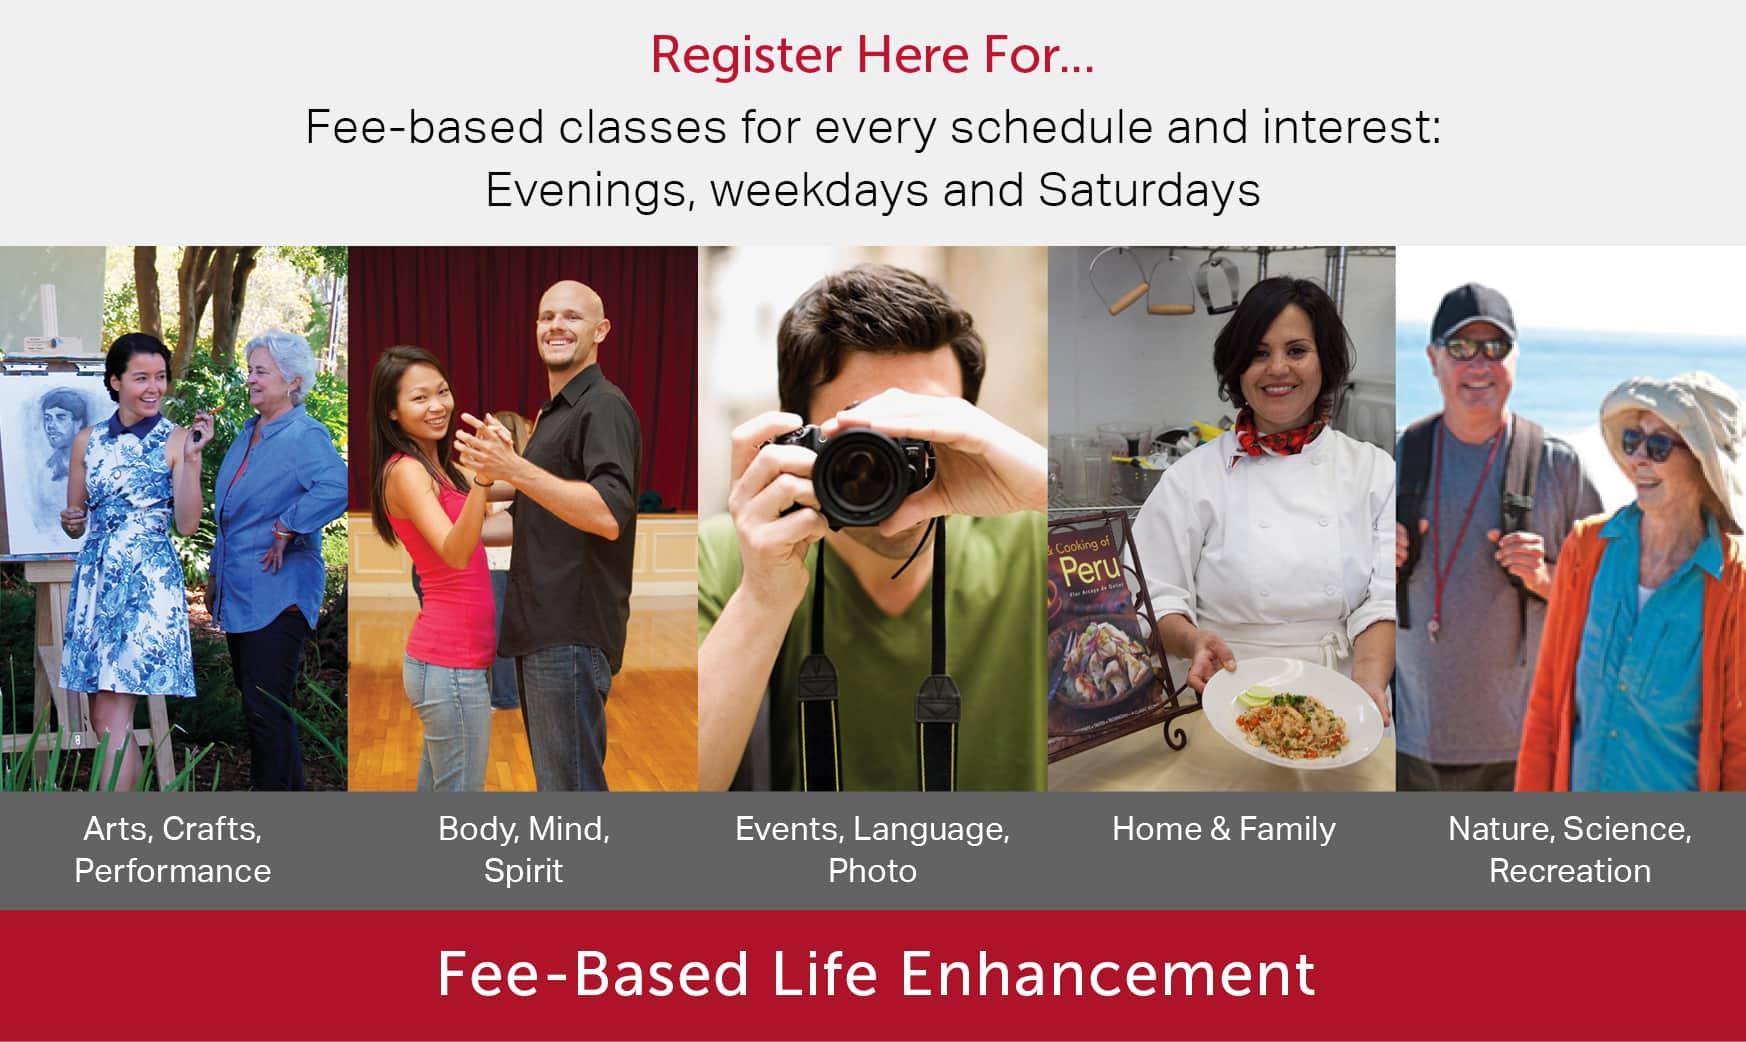 SBCC Center for Lifelong Learning